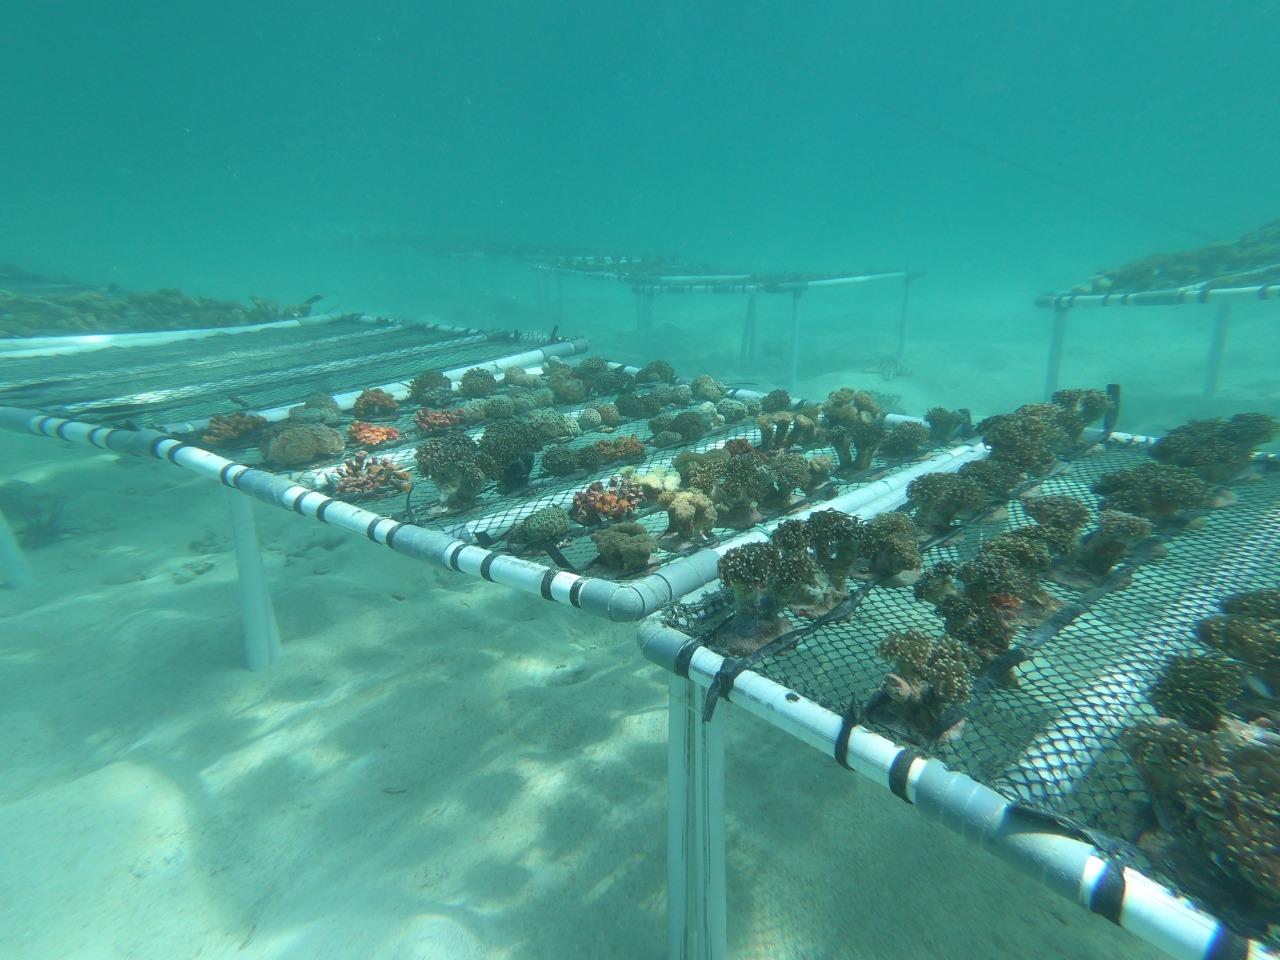 Rehabilitasi Terumbu Karang Merupakan Salah Satu Proyek Strategis Nasional Lumbung Ikan Nasional